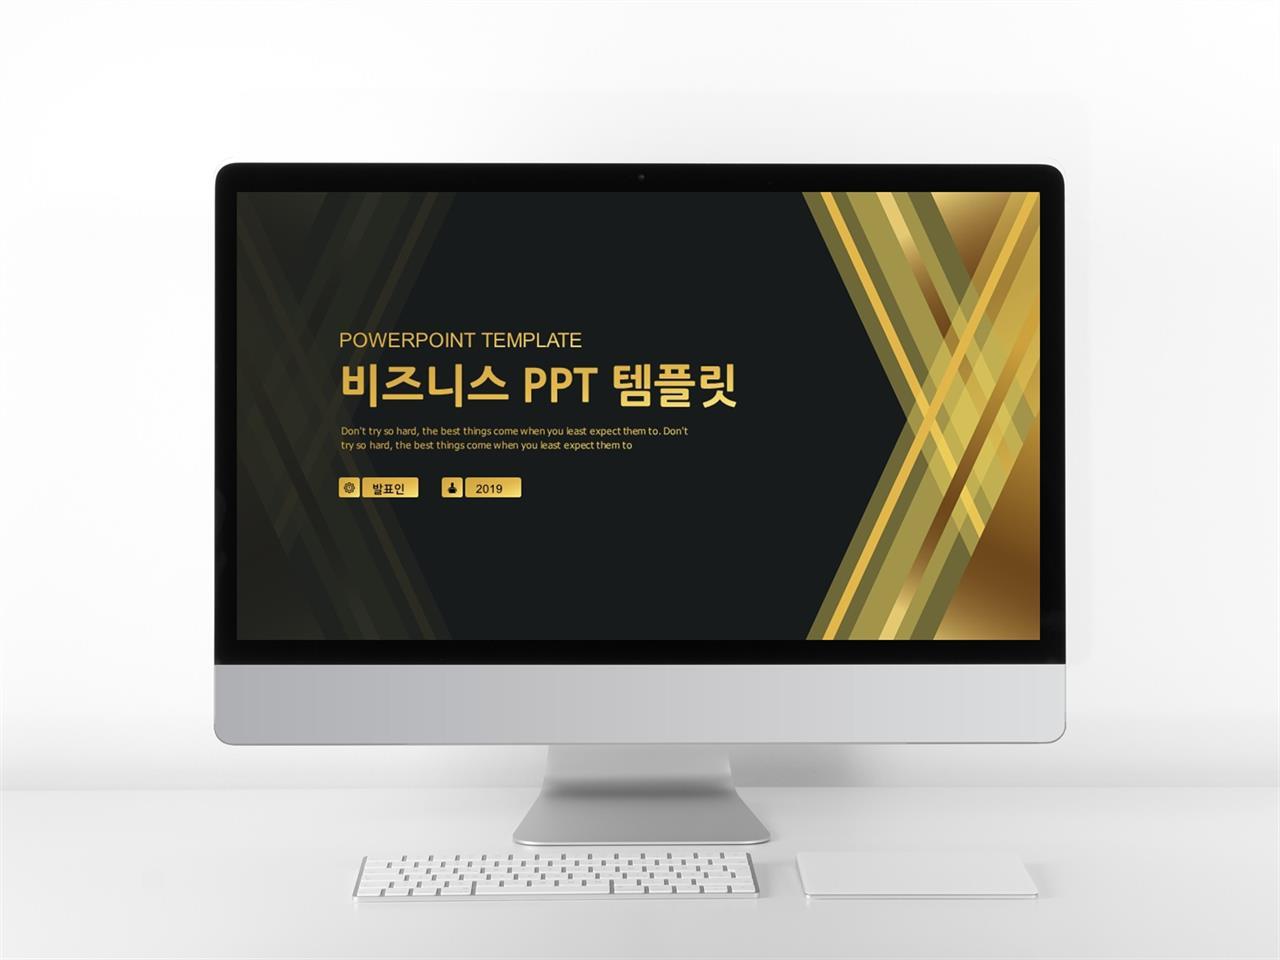 상업계획 노랑색 시크한 고급스럽운 POWERPOINT배경 사이트 미리보기